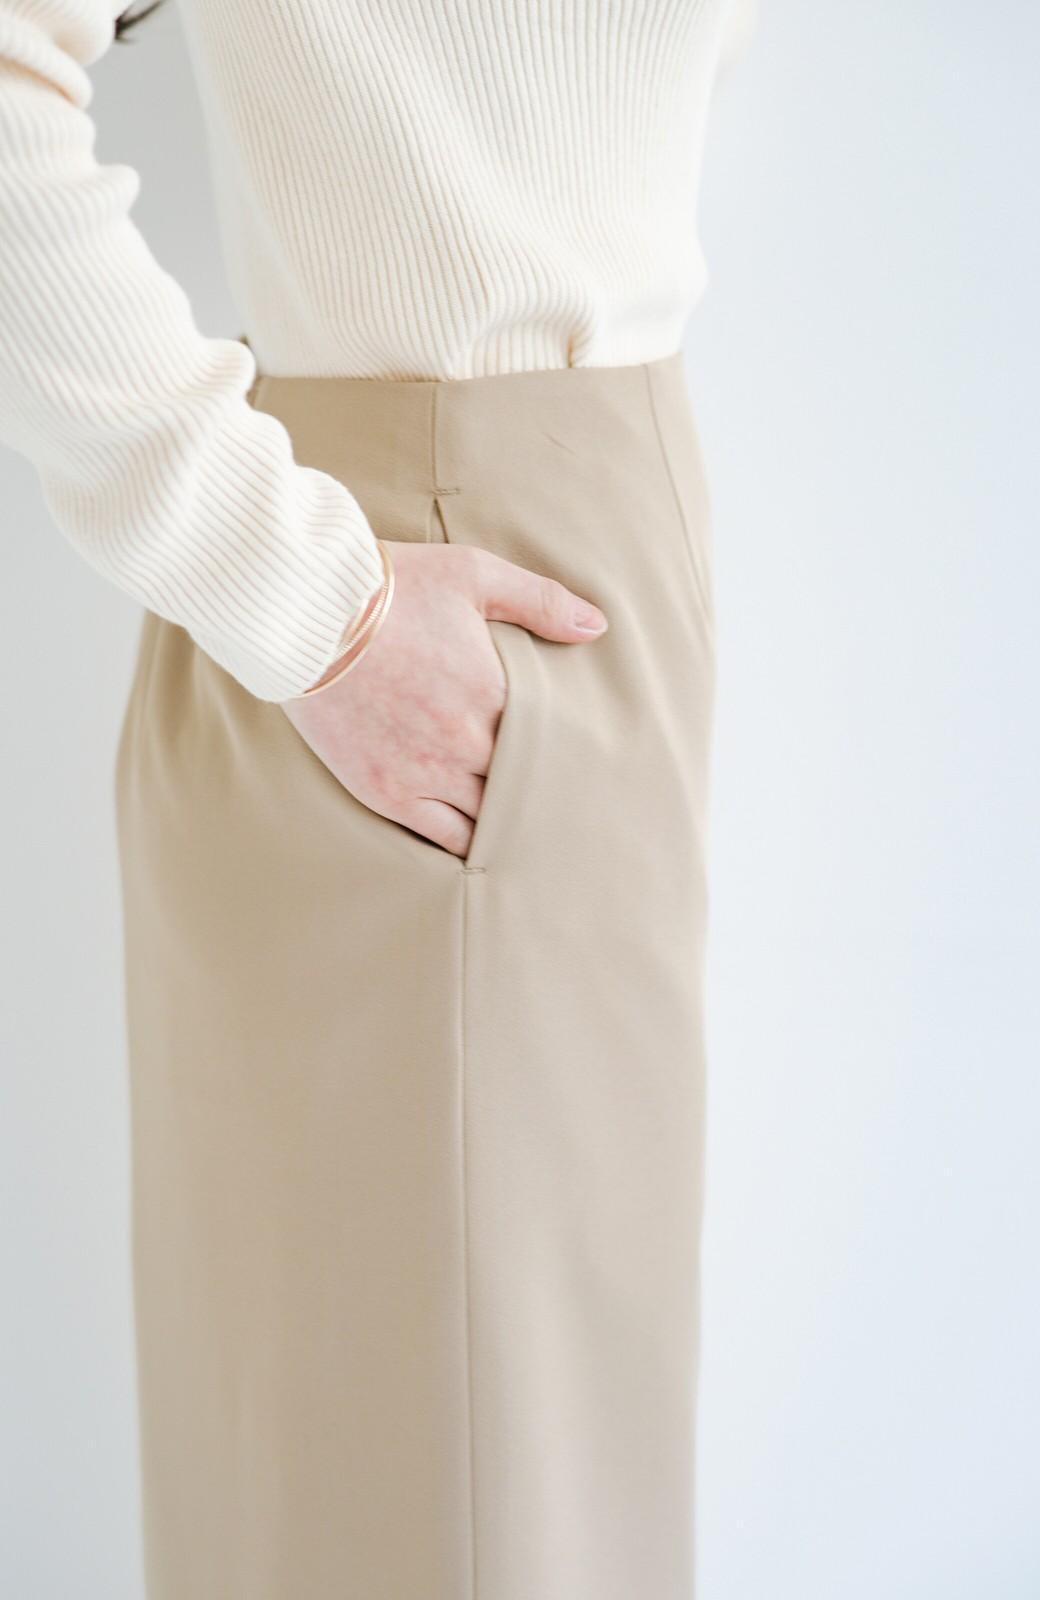 haco! 【華やか】これさえあればきちんとシーンも地味すぎない! 大人の華やかジャケット・パンツ・スカート3点セット <ベージュ>の商品写真43